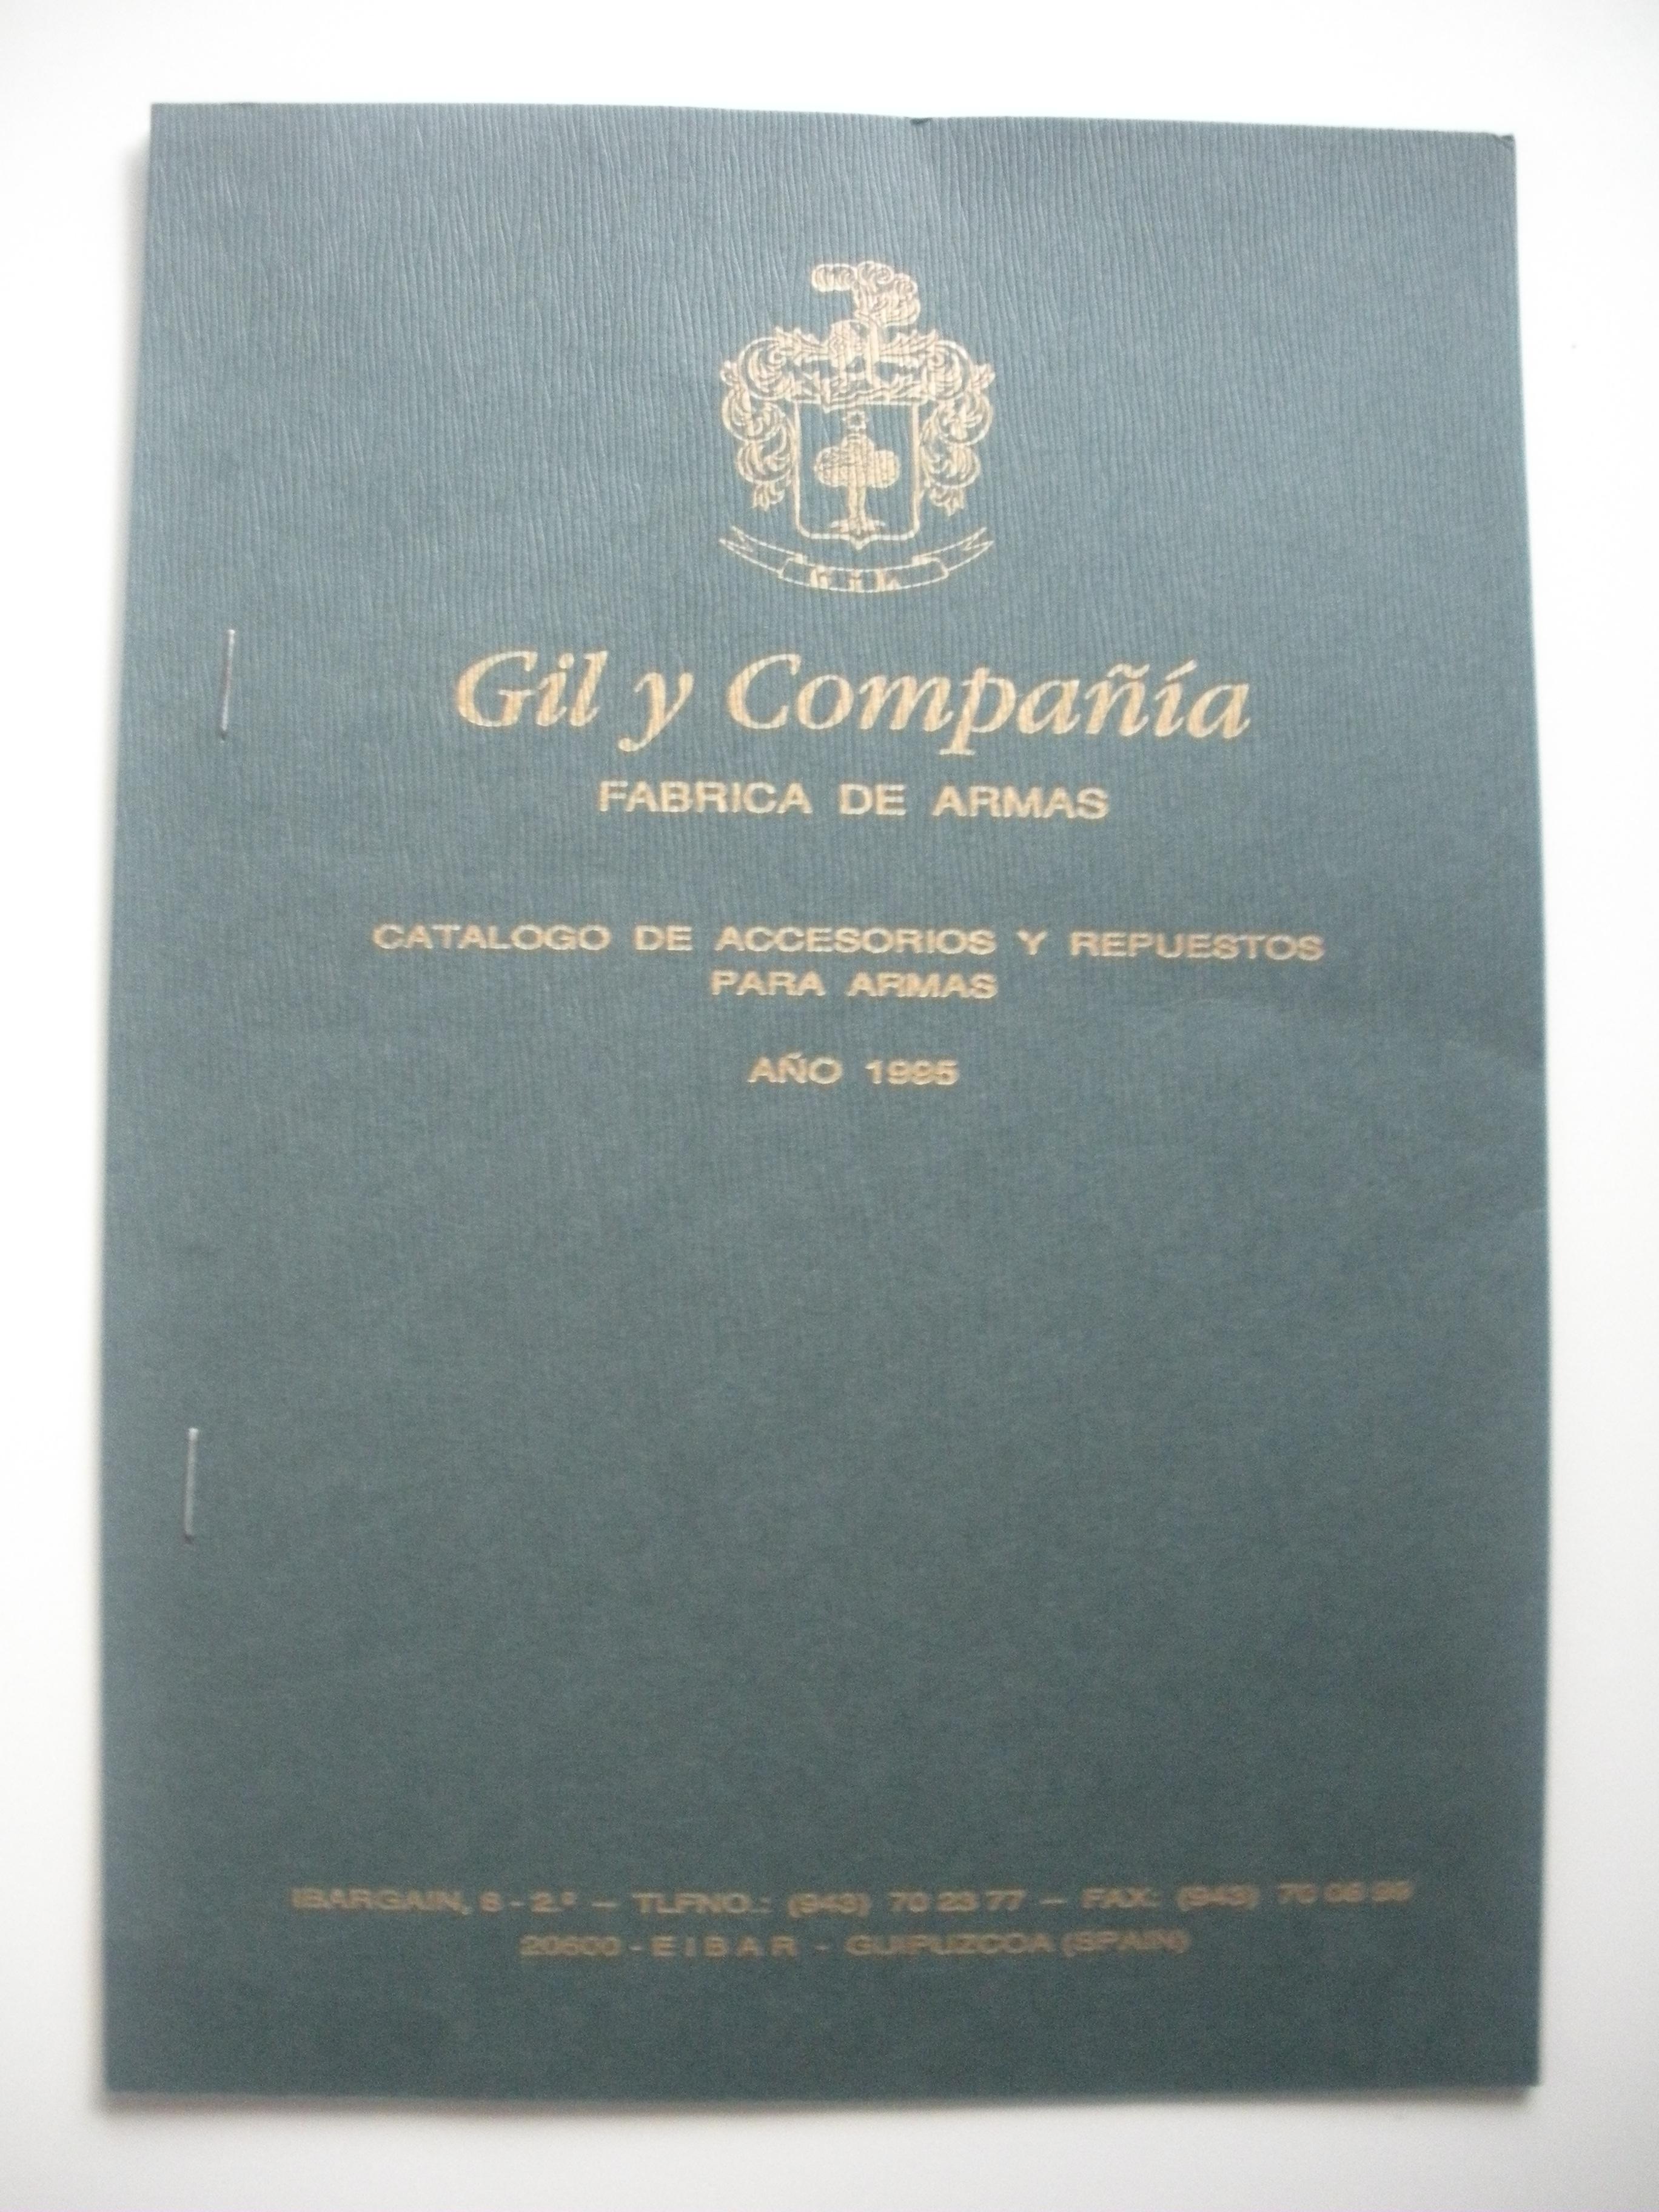 PORTADA DEL CATÁLOGO DE GIL Y COMPAÑÍA